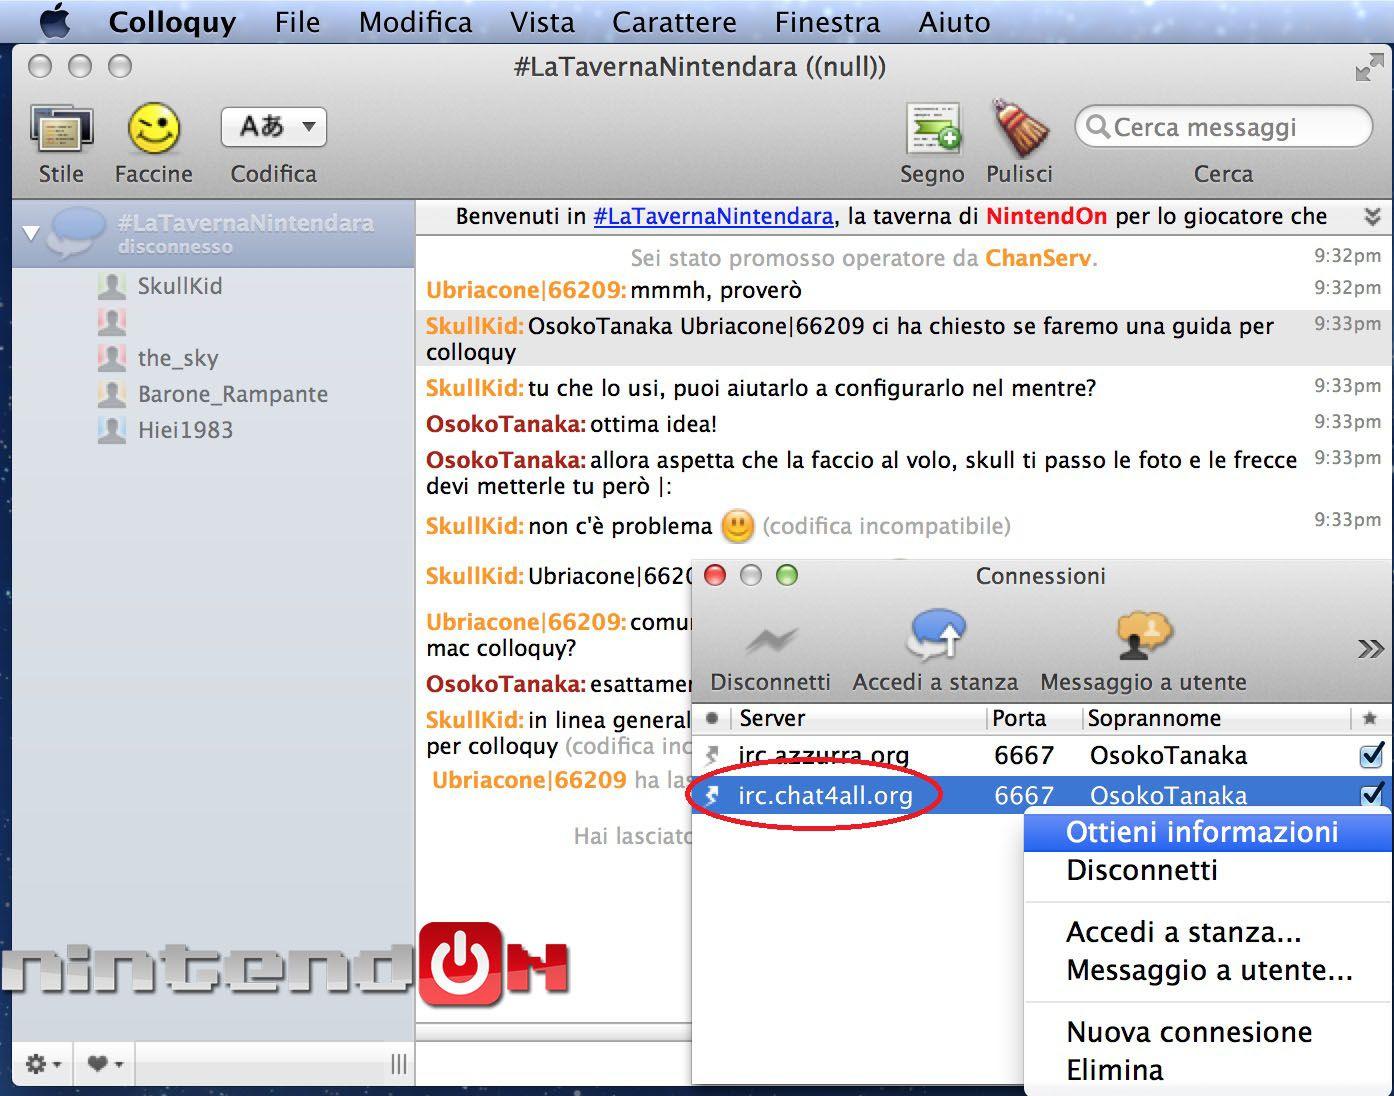 Guida Colloquy schermata 3 final chat di colloquy